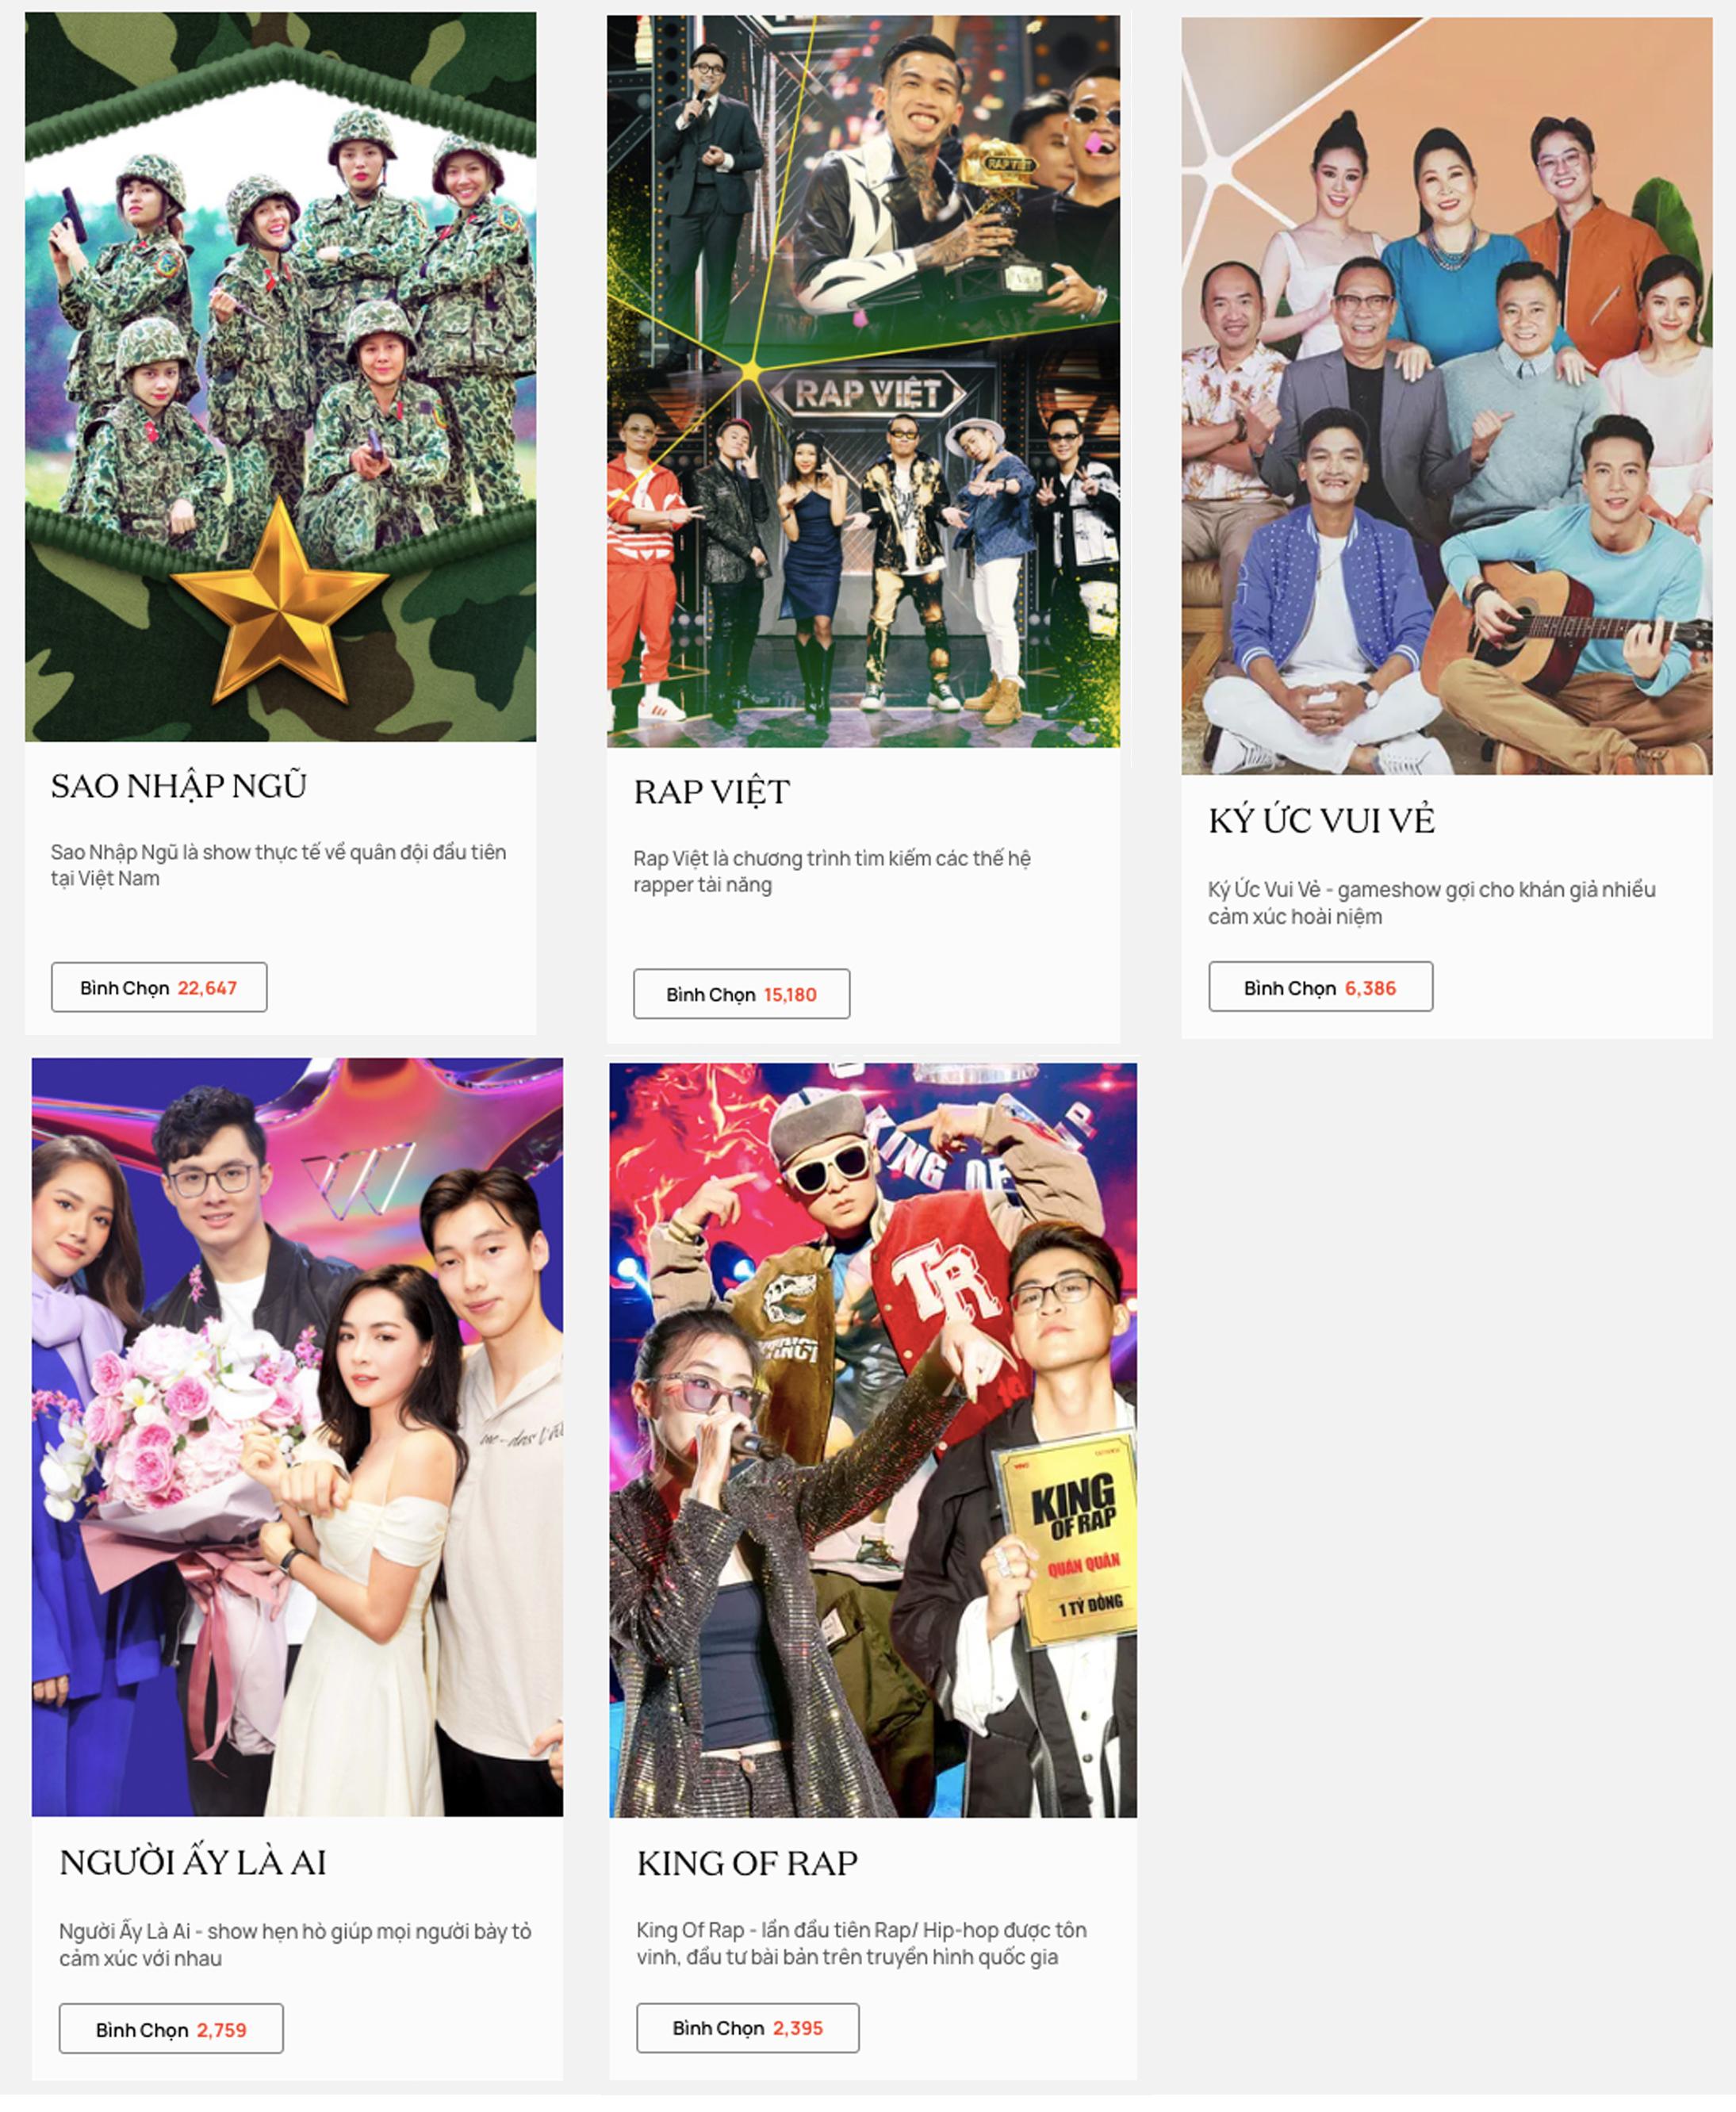 WeChoice Awards 2020: Sau gần 1 ngày bình chọn, Sao Nhập Ngũ bất ngờ vượt mặt Rap Việt - Ảnh 2.